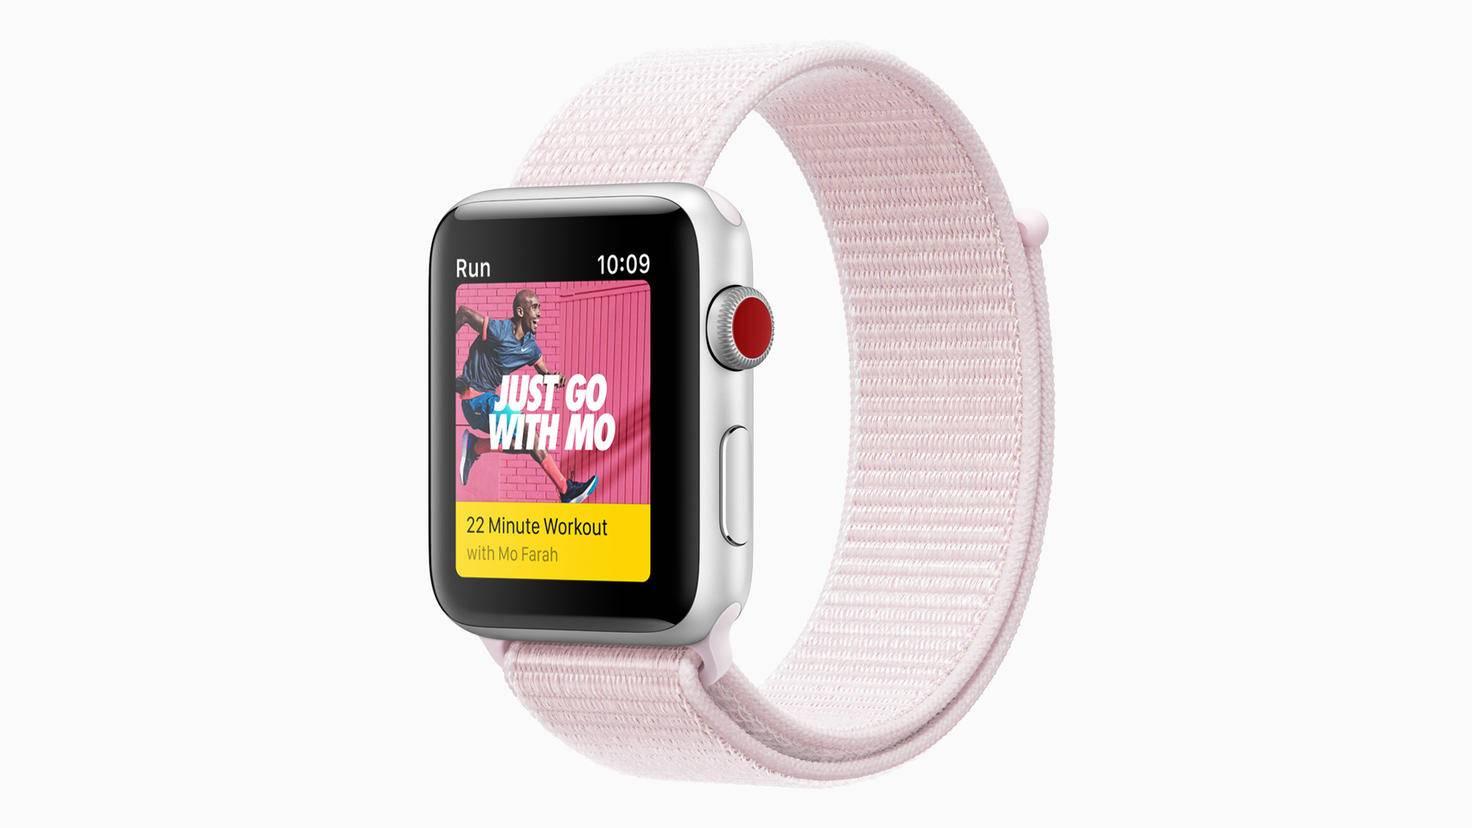 Die Loop-Variante des Nike-Sports-Armbands kann per Klettverschluss befestigt werden.